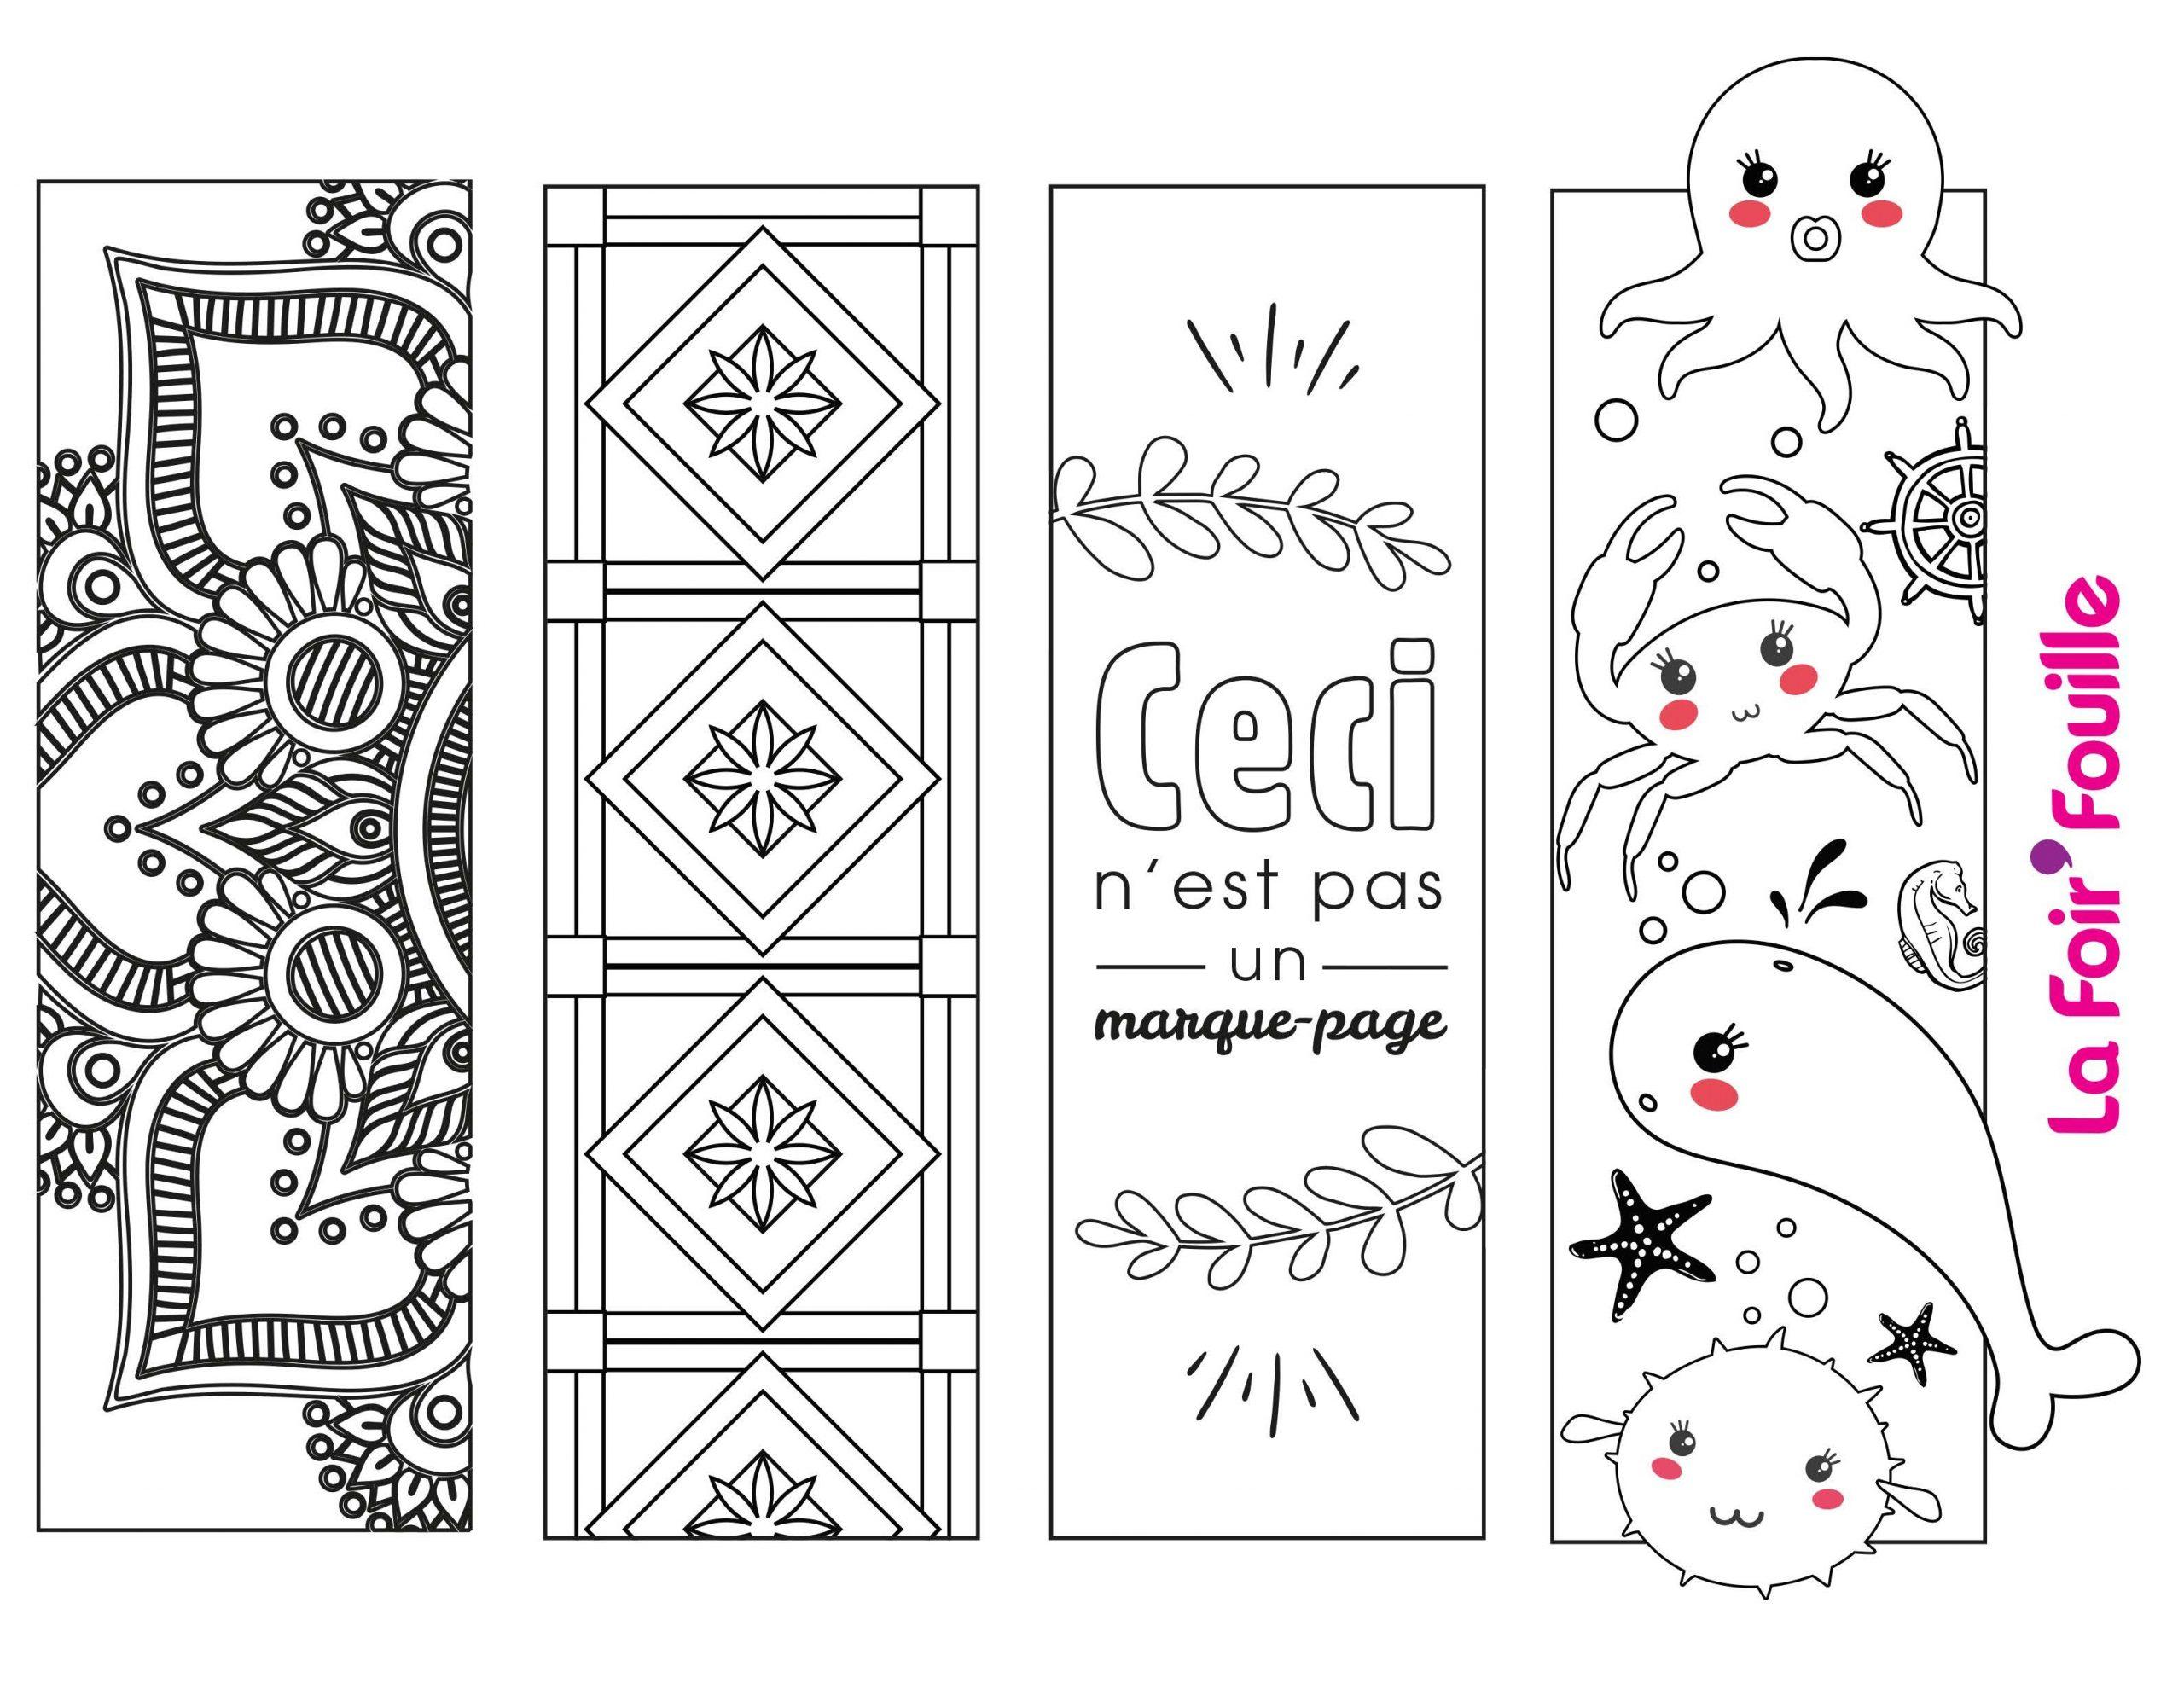 Diy : 4 Marque-Pages À Imprimer Et À Colorier | Blog La encequiconcerne Marque Page À Imprimer